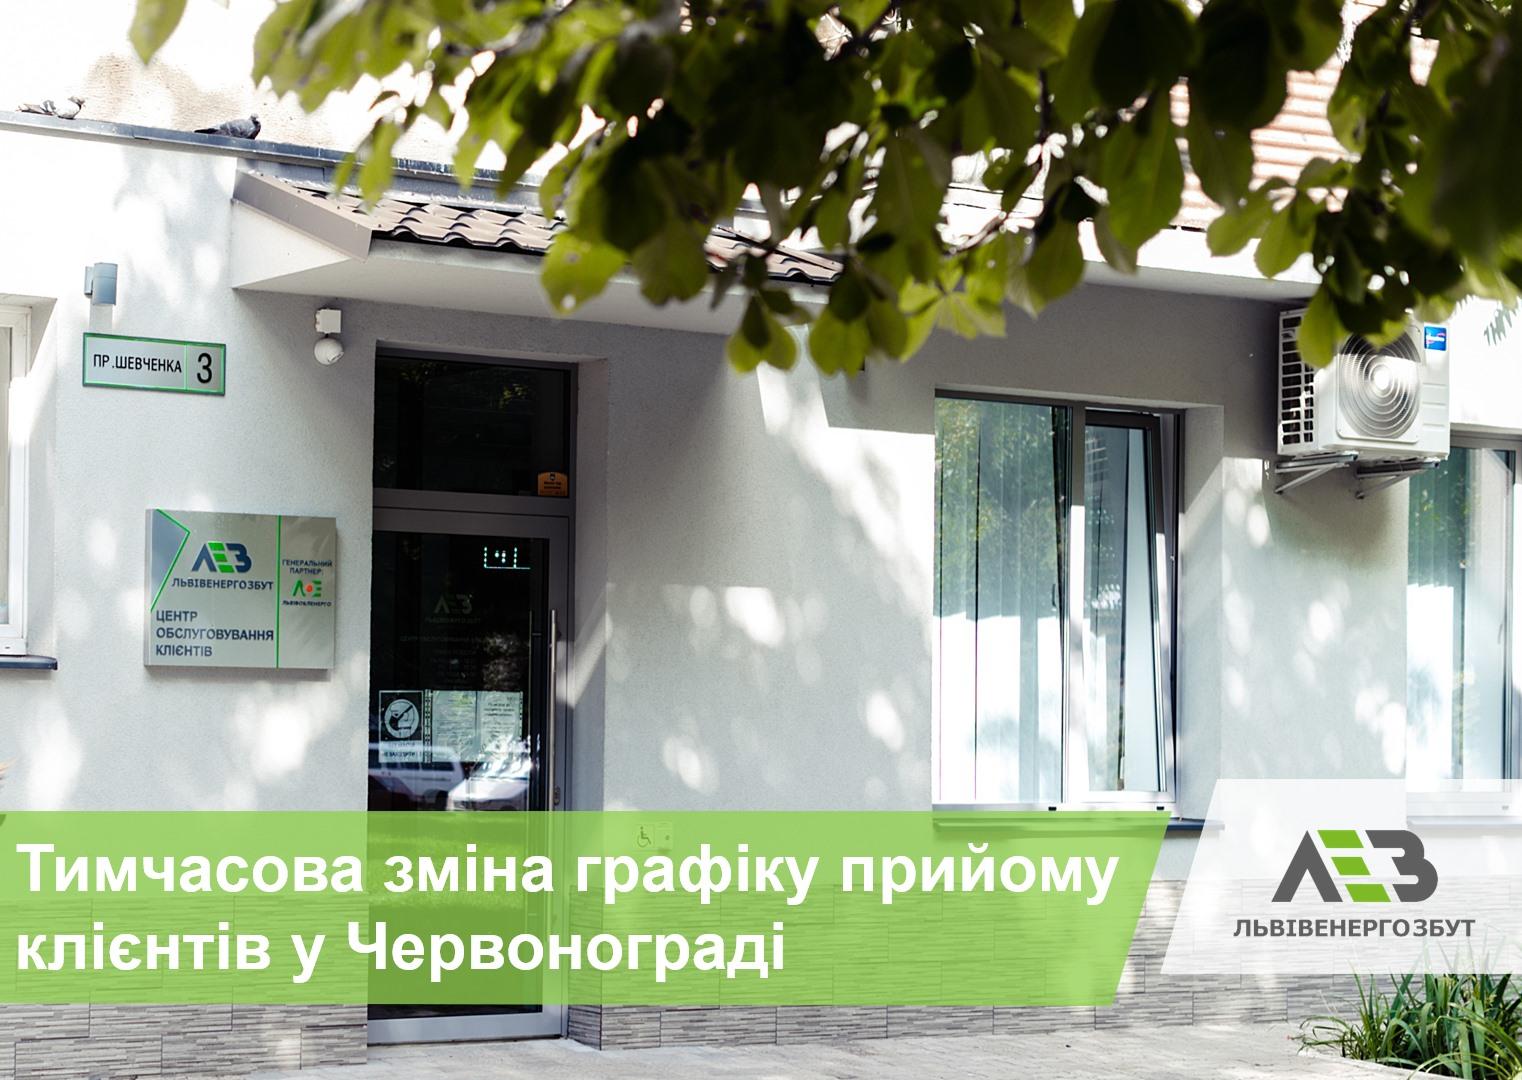 «Львівенергозбут» тимчасово змінює графік  прийому клієнтів в Червонограді